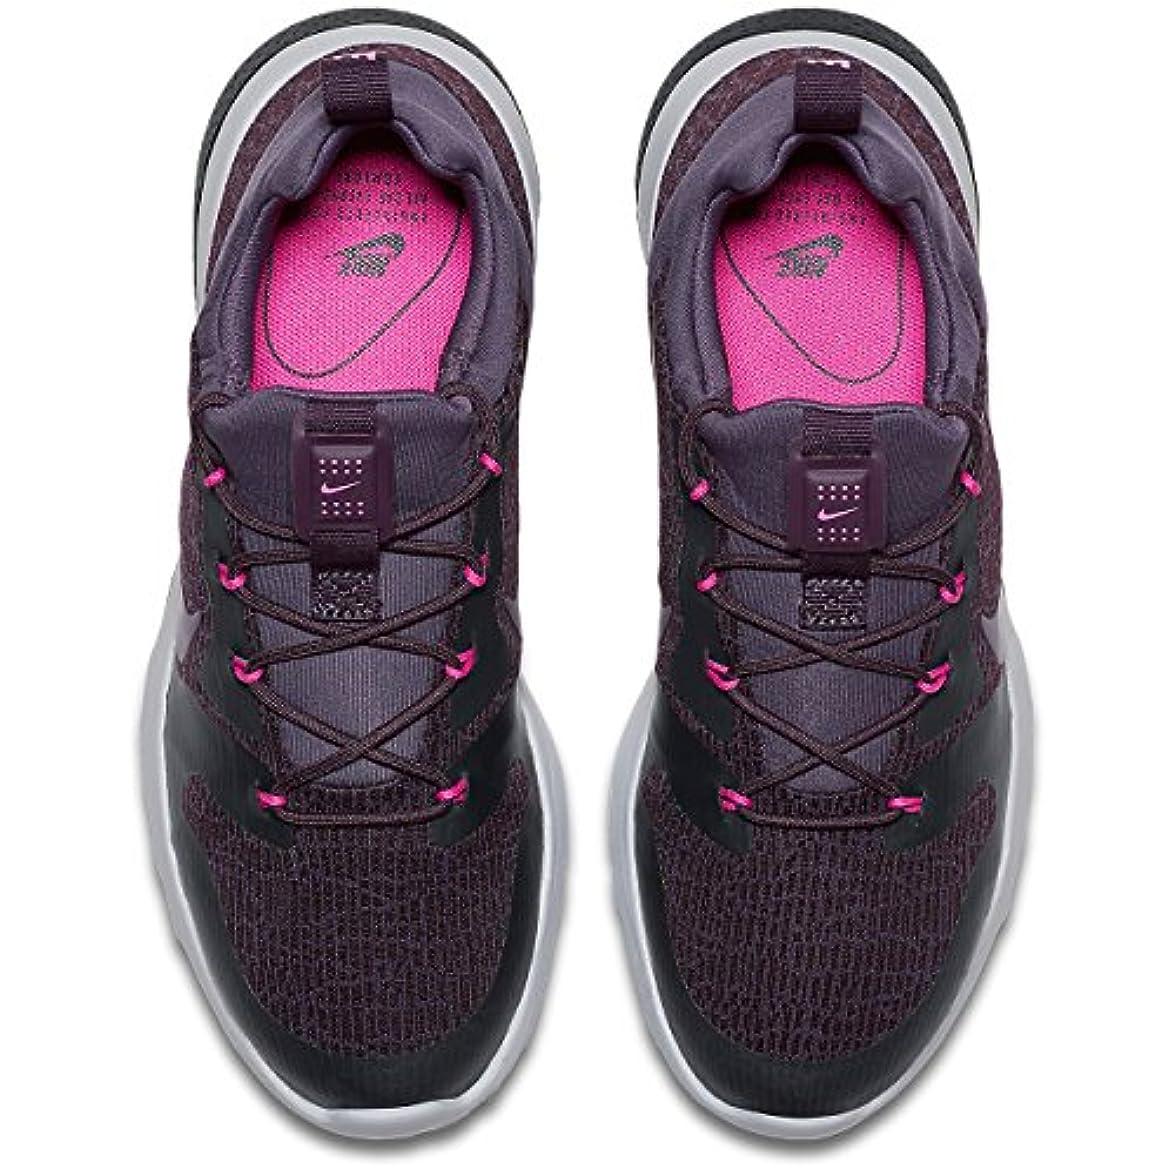 Nike Calzature Sportive Per Ragazza Colore Rosa Marca Modello Ragazza Flex Experience 5 Rosa